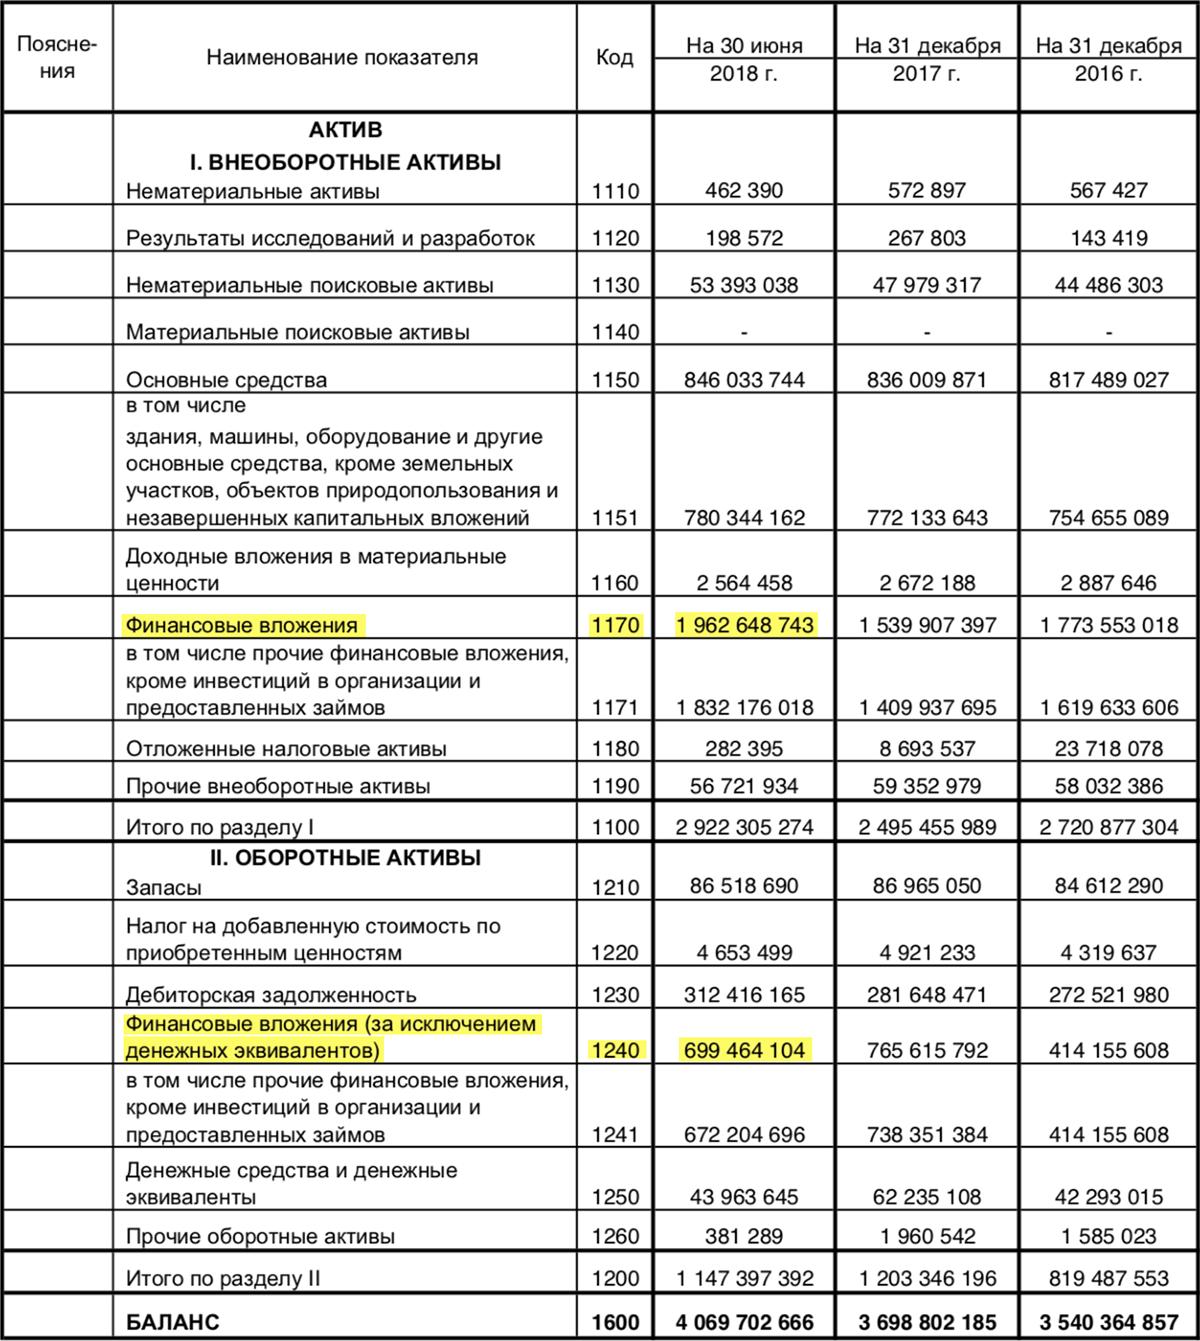 Финансовый отчет «Сургутнефтегаза» за 1 полугодие 2018 года по РСБУ, стр. 1